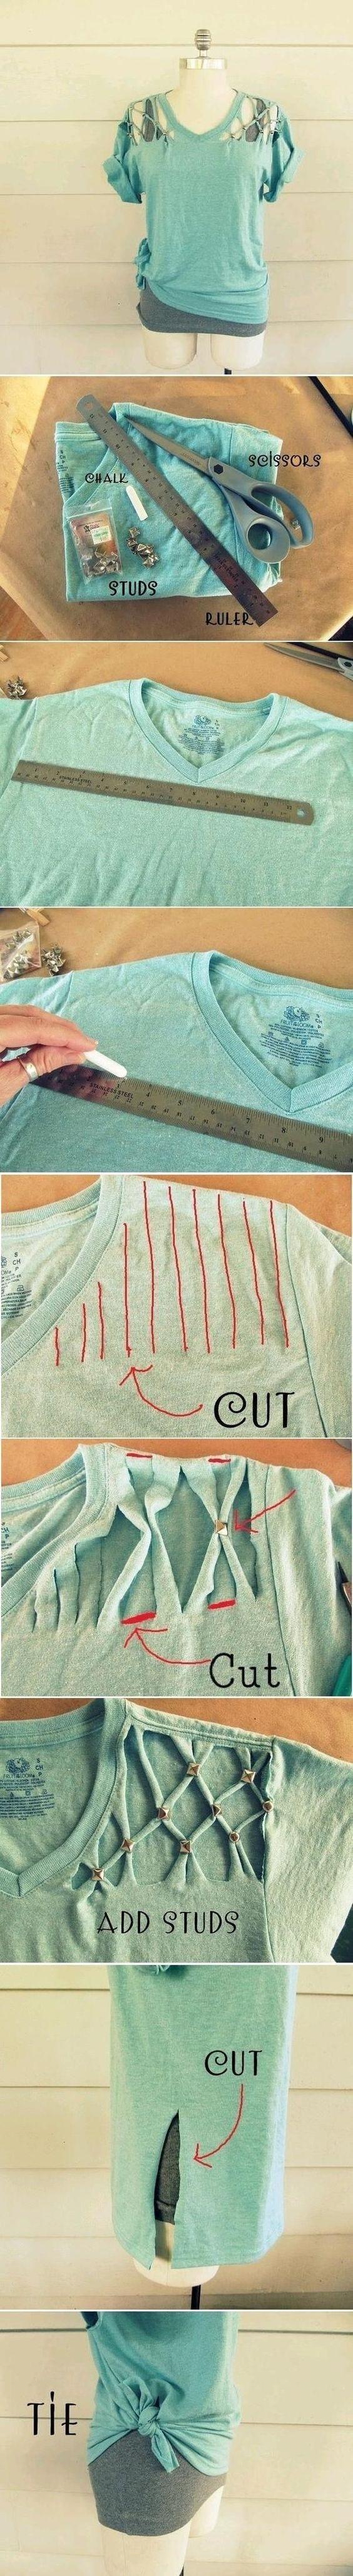 DIY Shirt crafts craft ideas easy crafts diy ideas diy crafts diy clothes easy diy fun diy diy shirt craft clothes craft fashion craft shirt fashion diy::